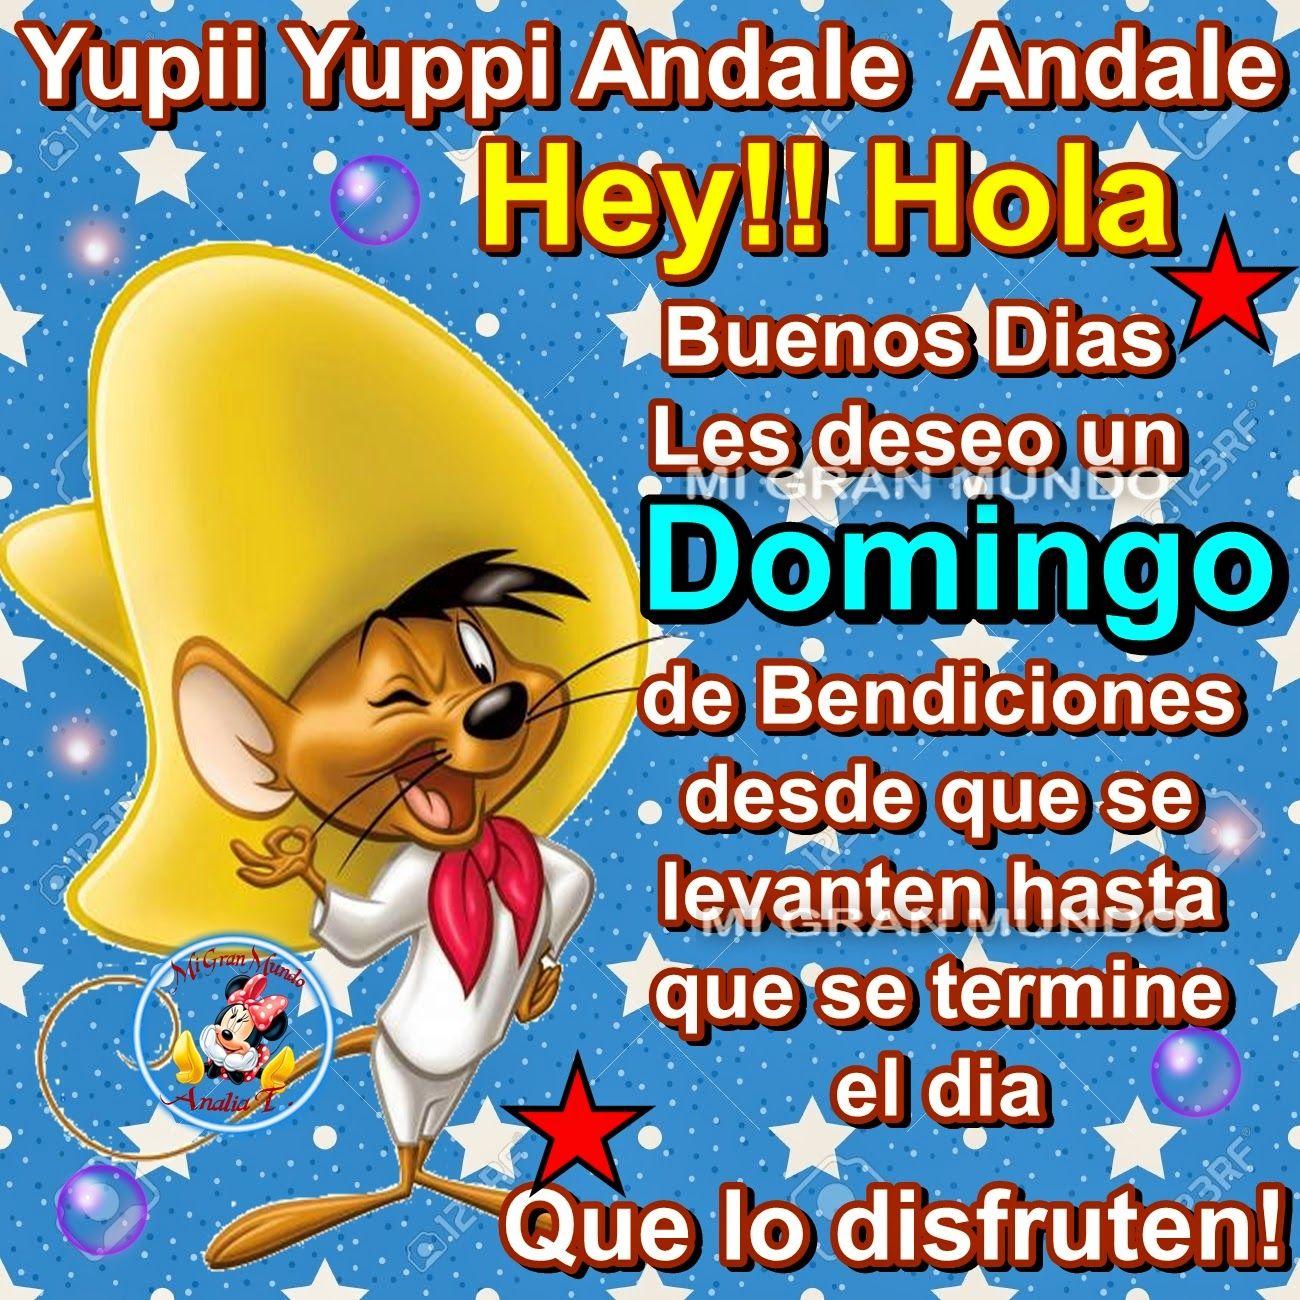 Hey!!Hola Buenos Dias Les Deseo Un Domingo De Bendiciones